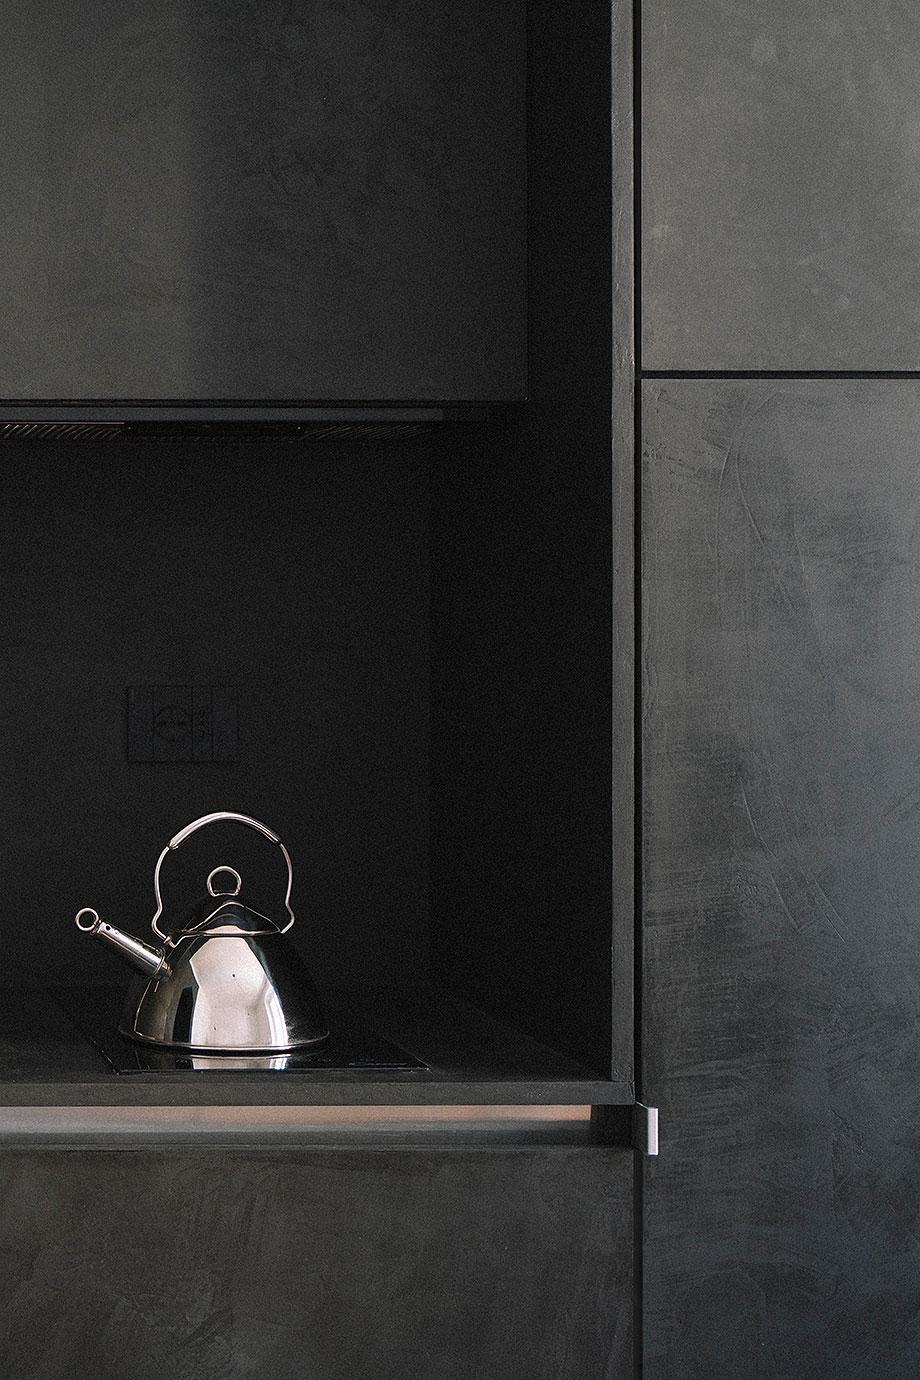 apartamento en naviglio de atelier architettura chinello morandi (12) - foto maria francesca lui